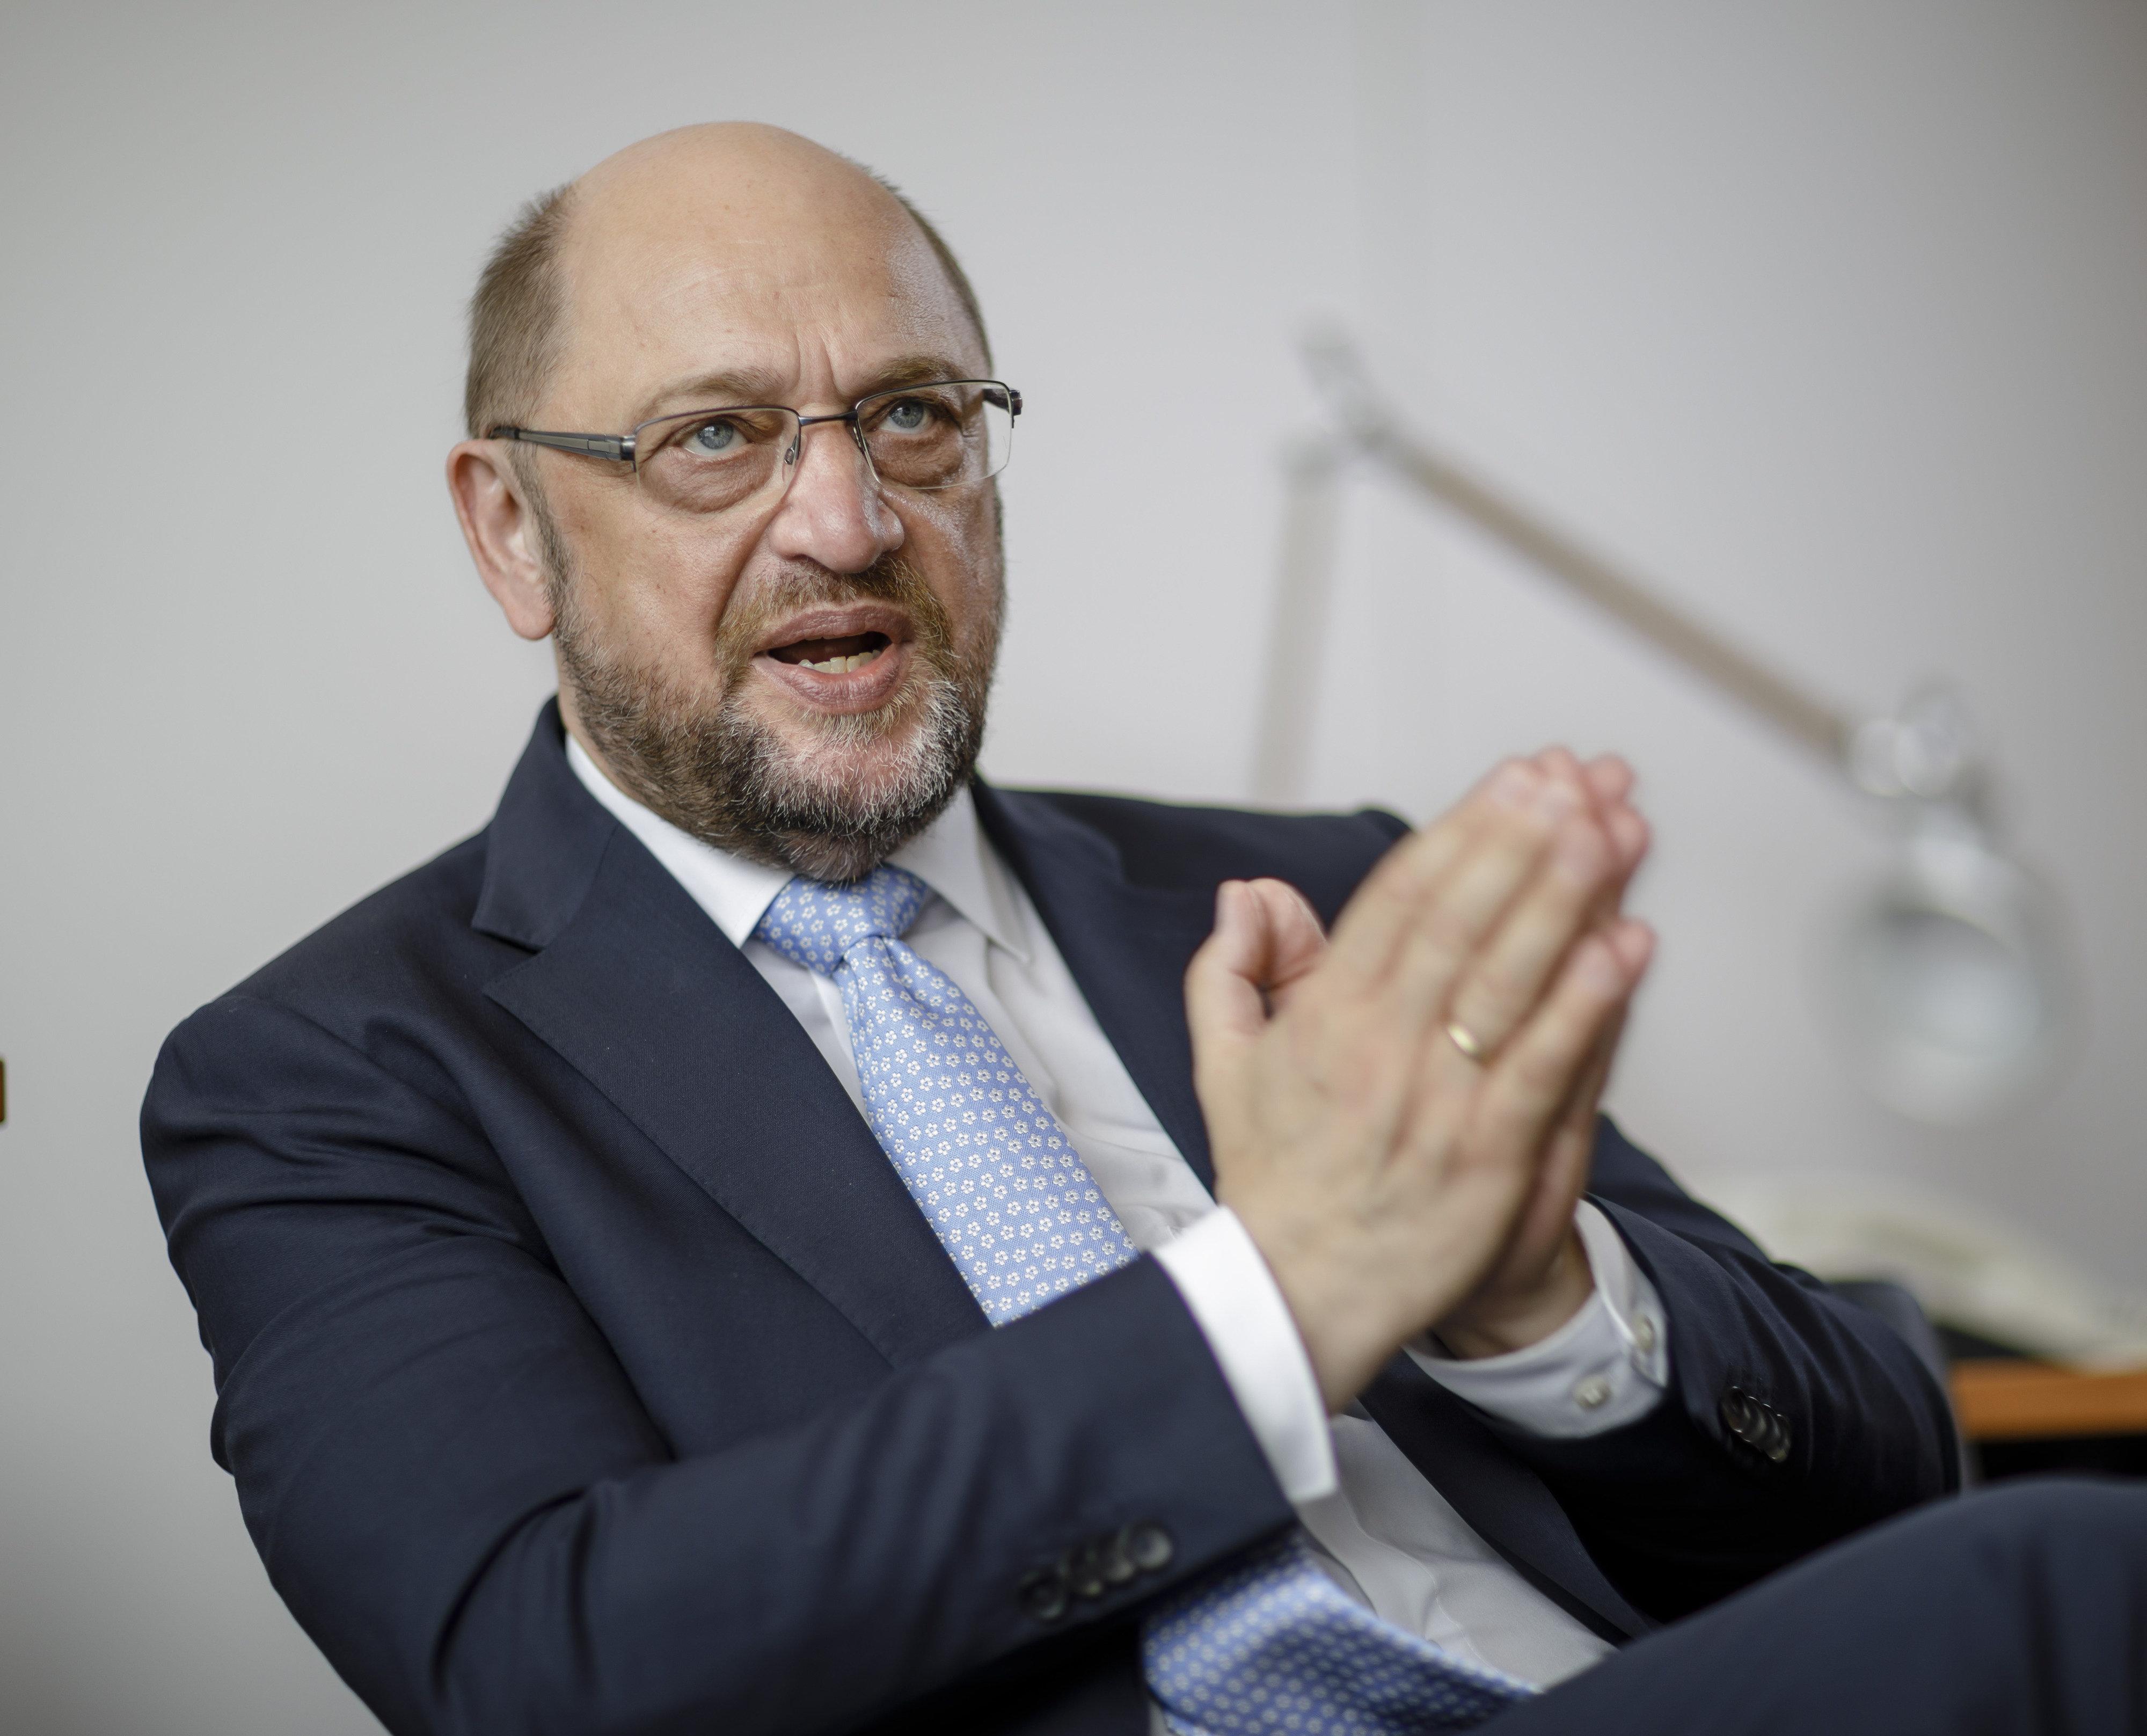 Martin Schulz: Seehofer wird nach der Bayern-Wahl nicht mehr Innenminister